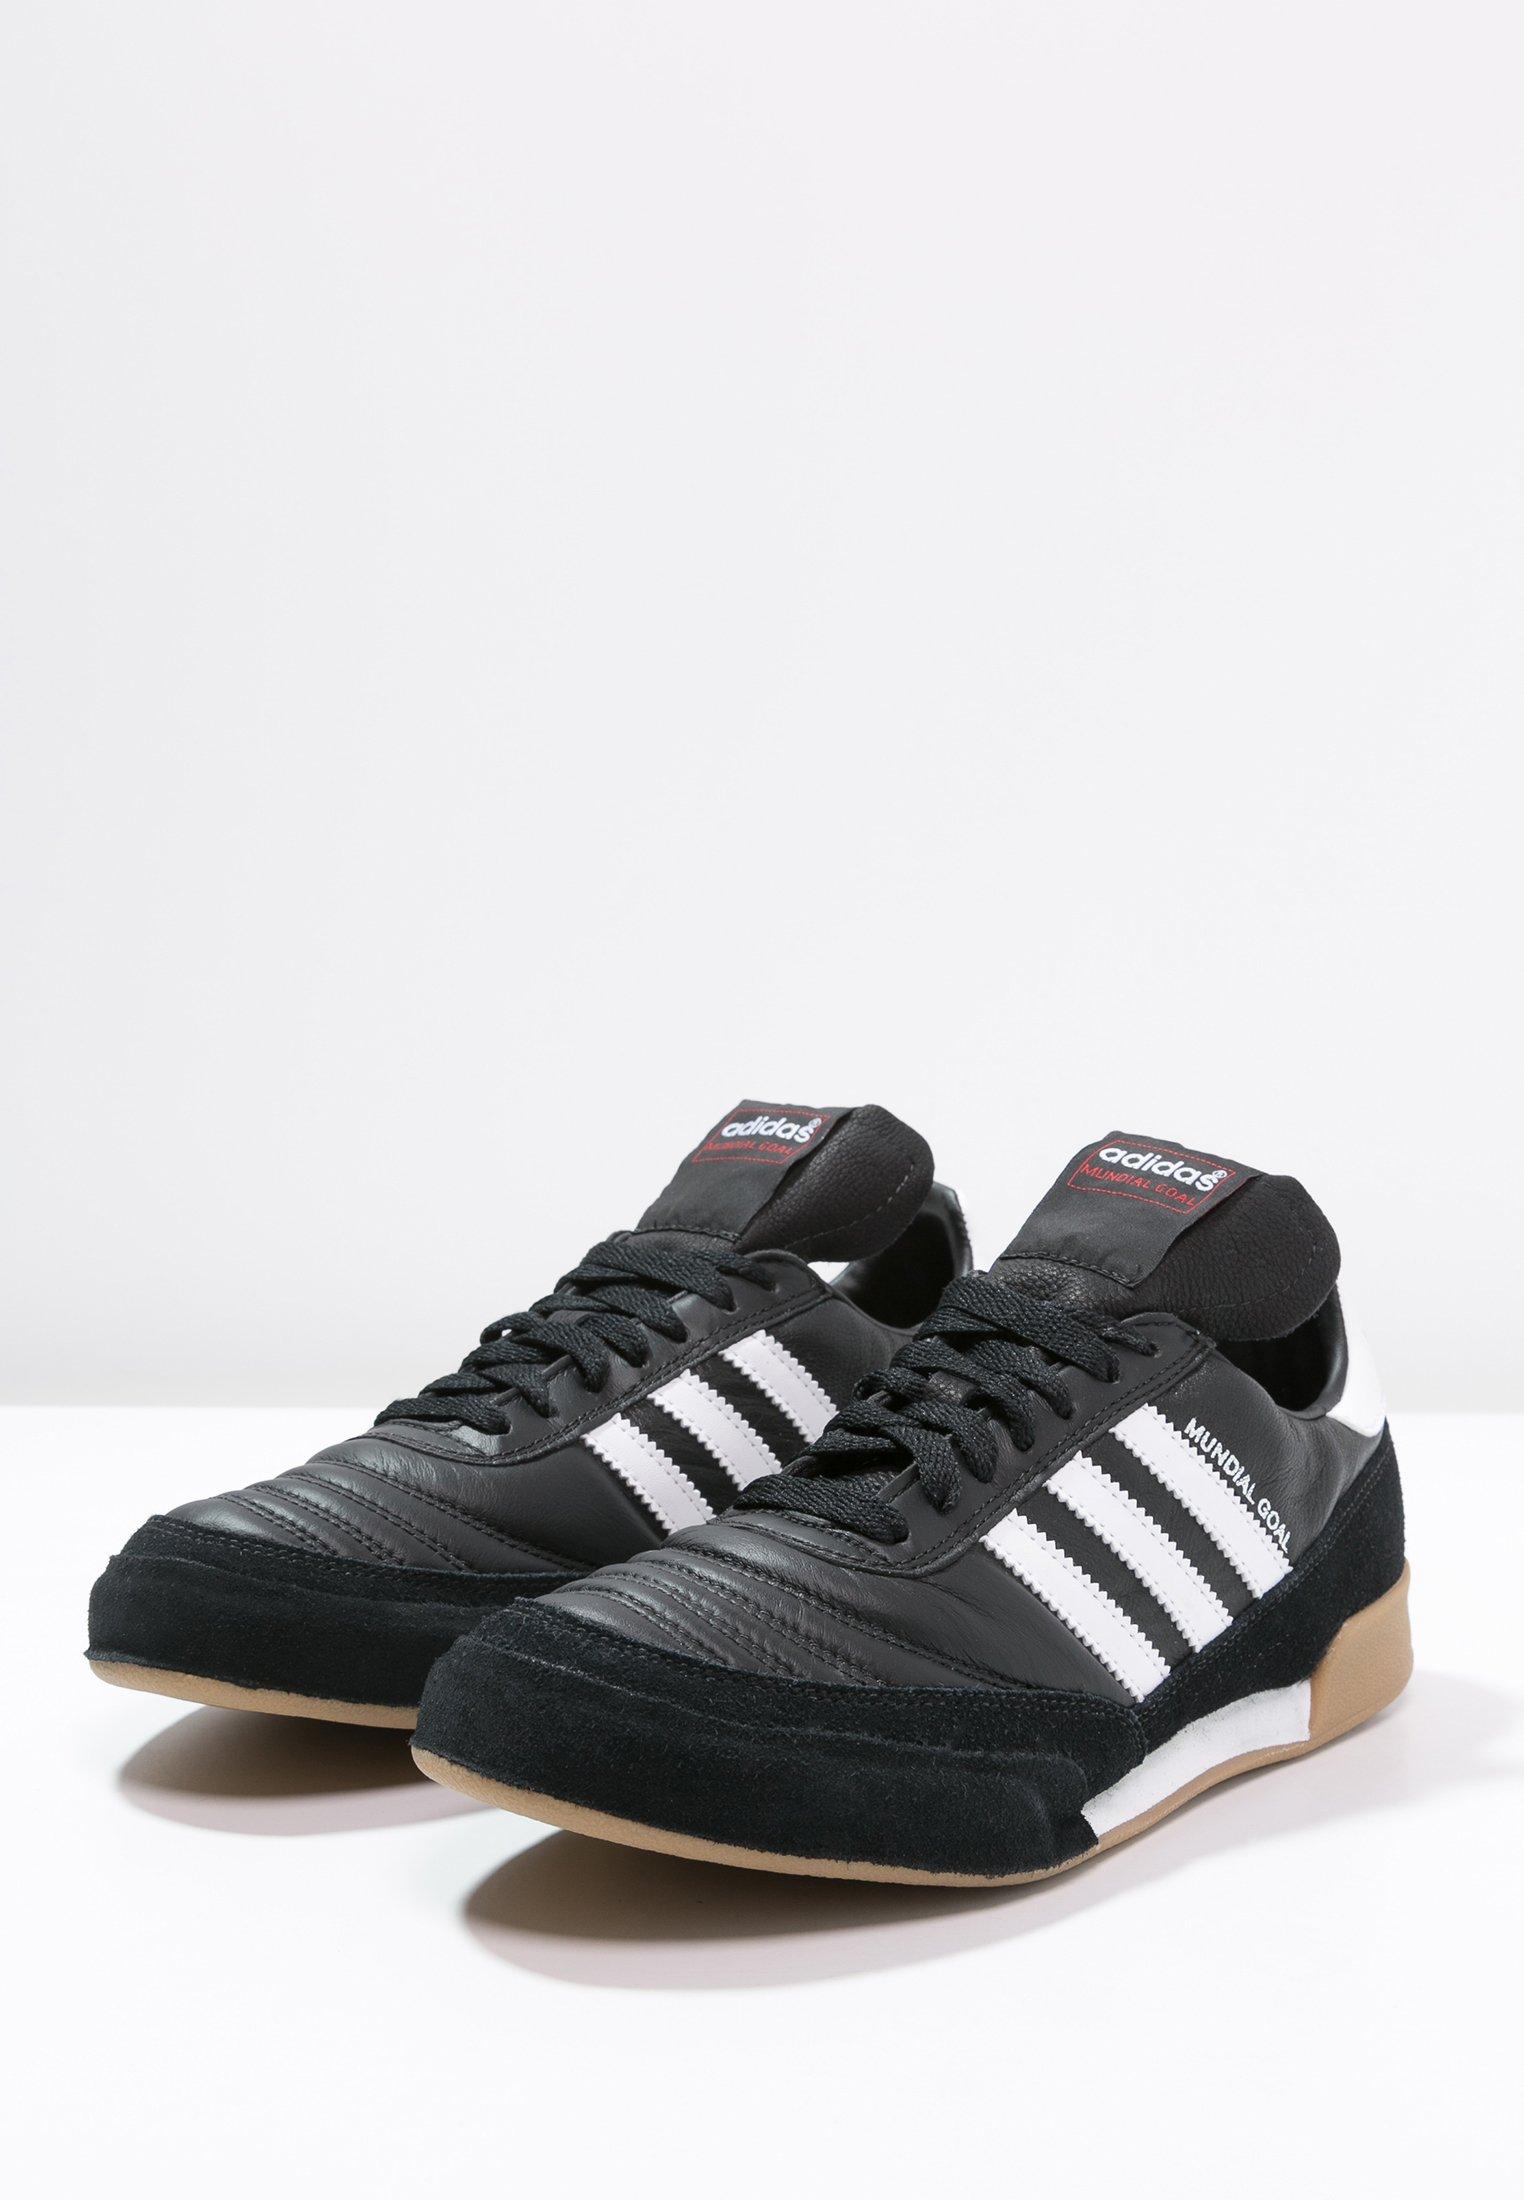 Preordinare Scarpe da uomo adidas Performance MUNDIAL GOAL Scarpe da calcetto noir/blanc